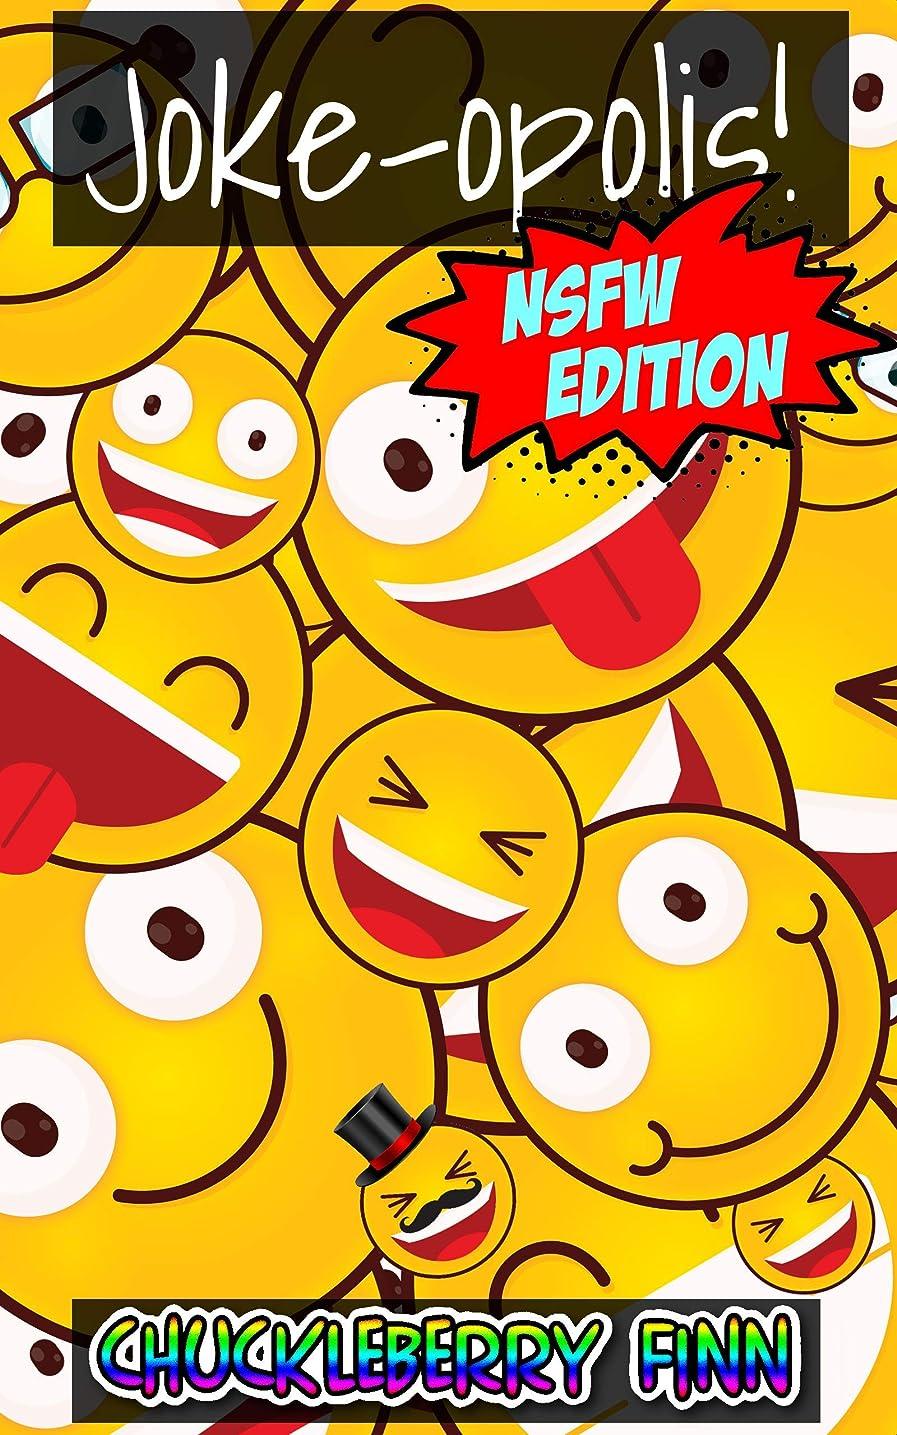 回転去る現れるJoke-opolis! NSFW Edition: The most offensive, insensitive and definitely NSFW collection of jokes. (Jokeopolis Book 5) (English Edition)